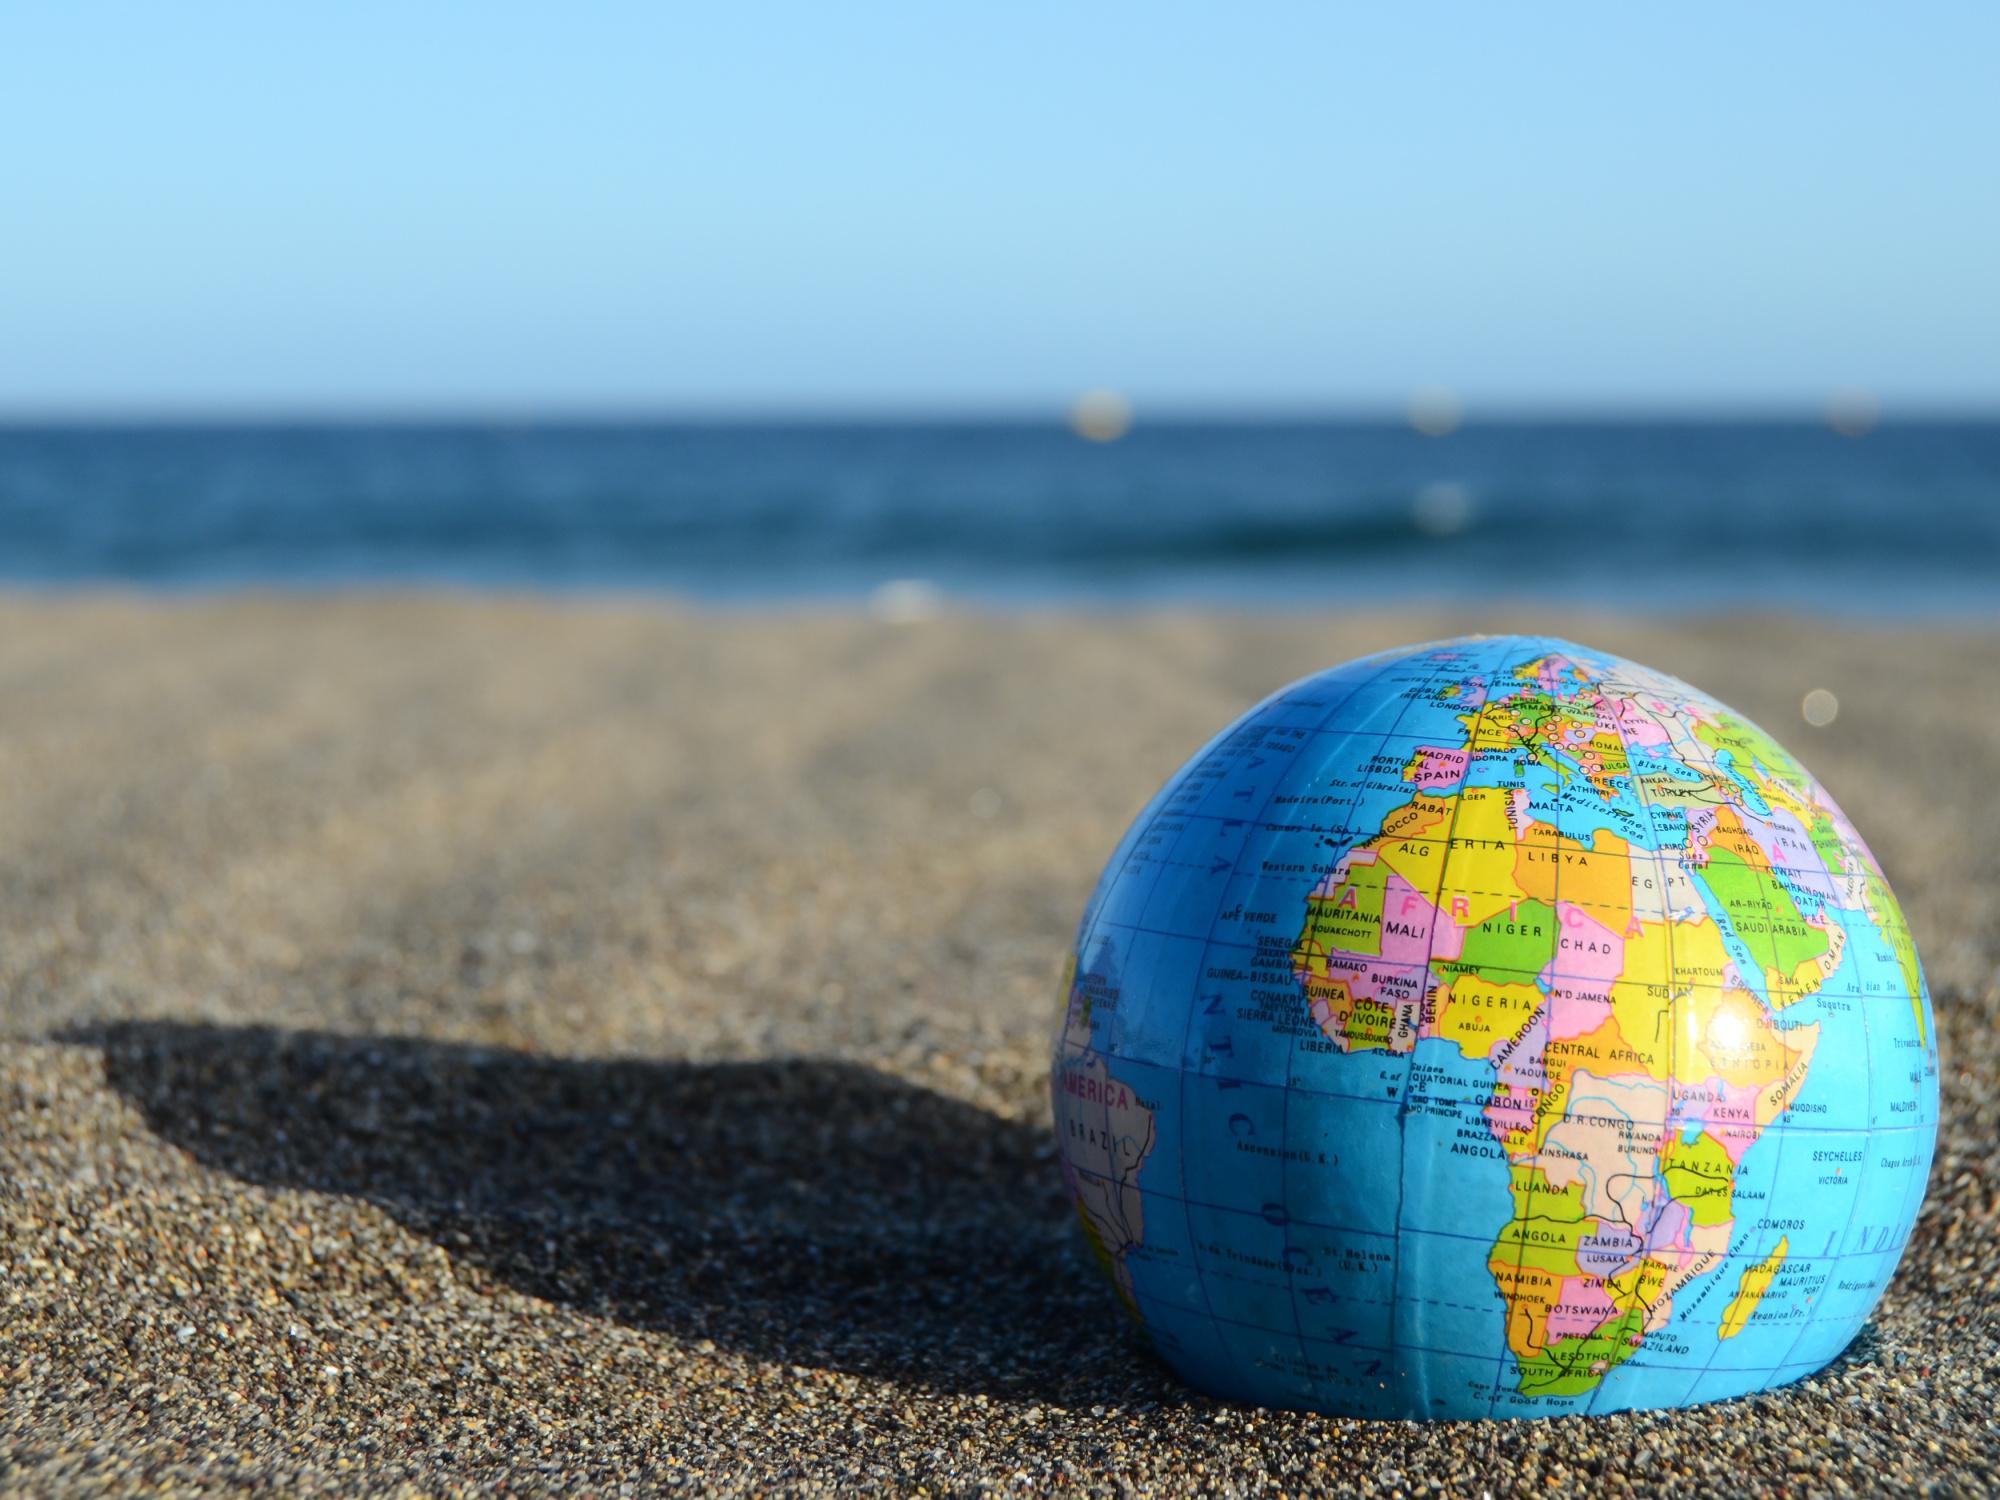 globe on beach.jpeg